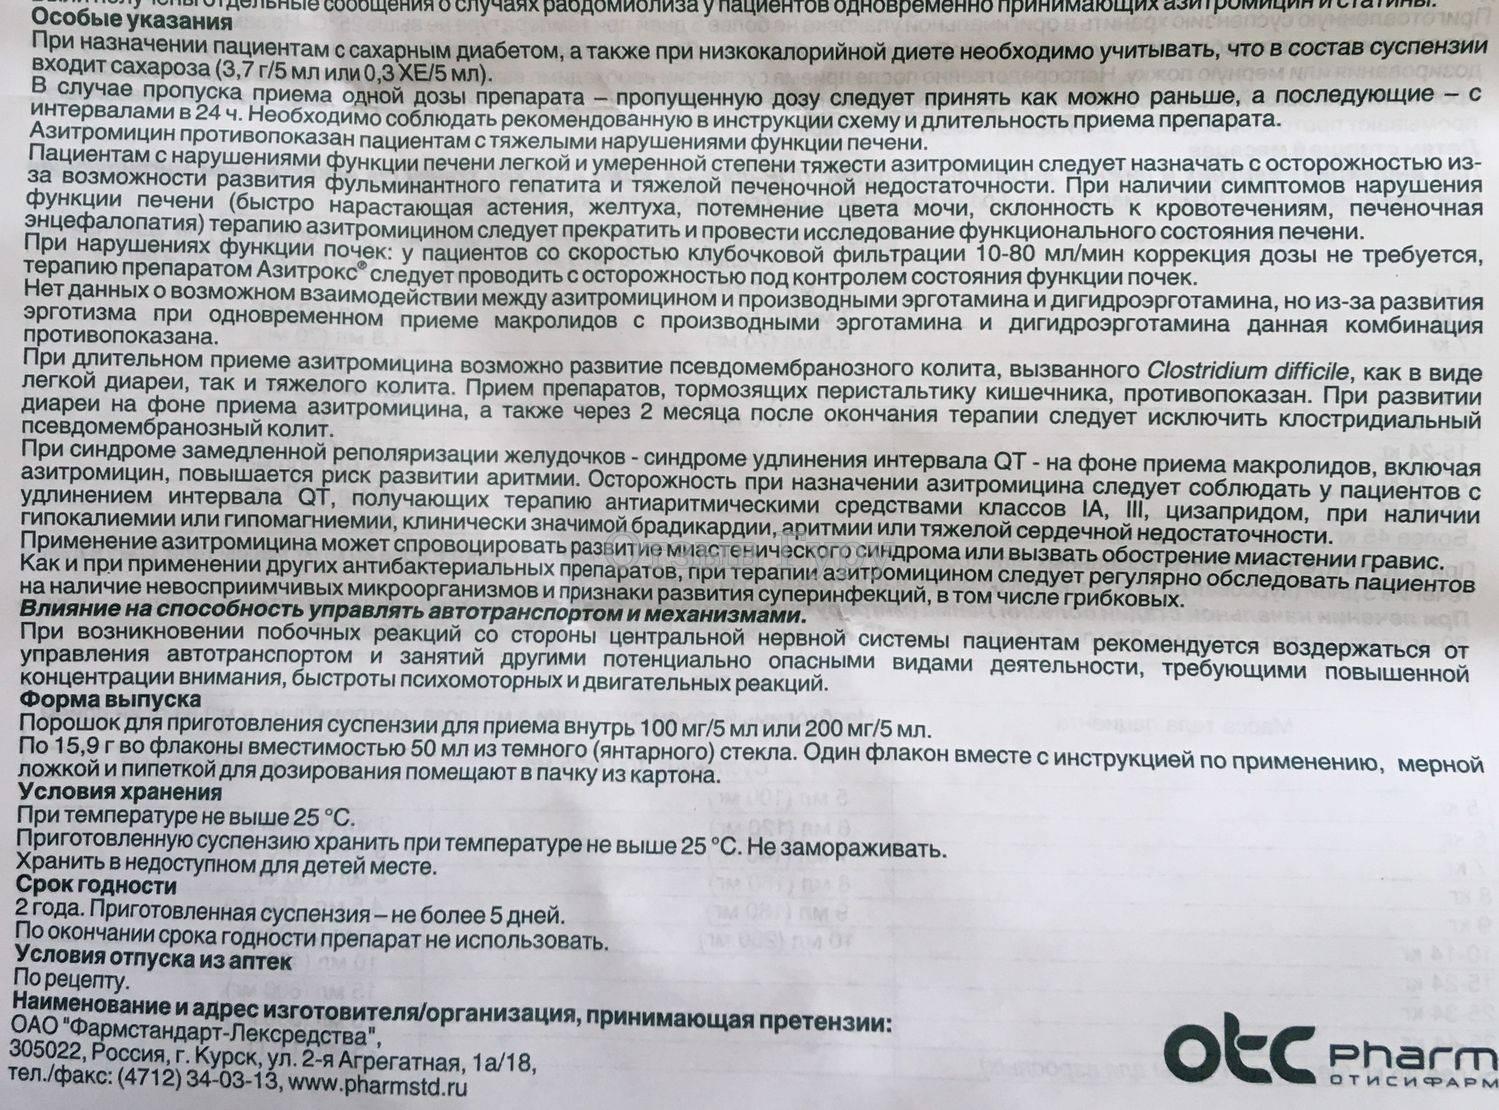 """Суспензия """"азитрокс"""": инструкция по применению для детей, состав, дозировка, аналоги и отзывы - druggist.ru"""